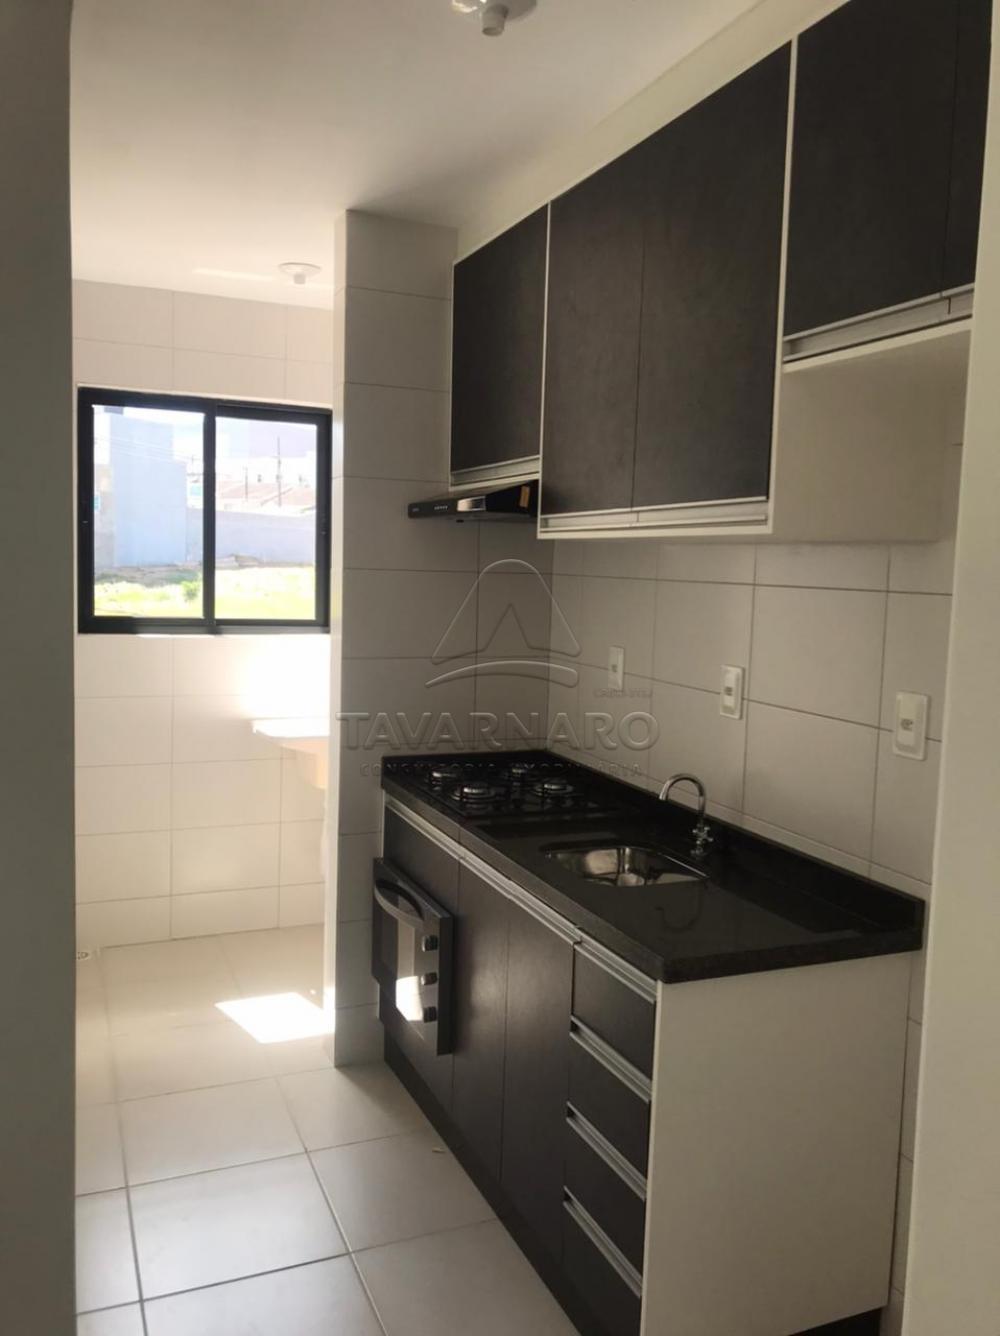 Comprar Apartamento / Padrão em Ponta Grossa R$ 170.000,00 - Foto 3